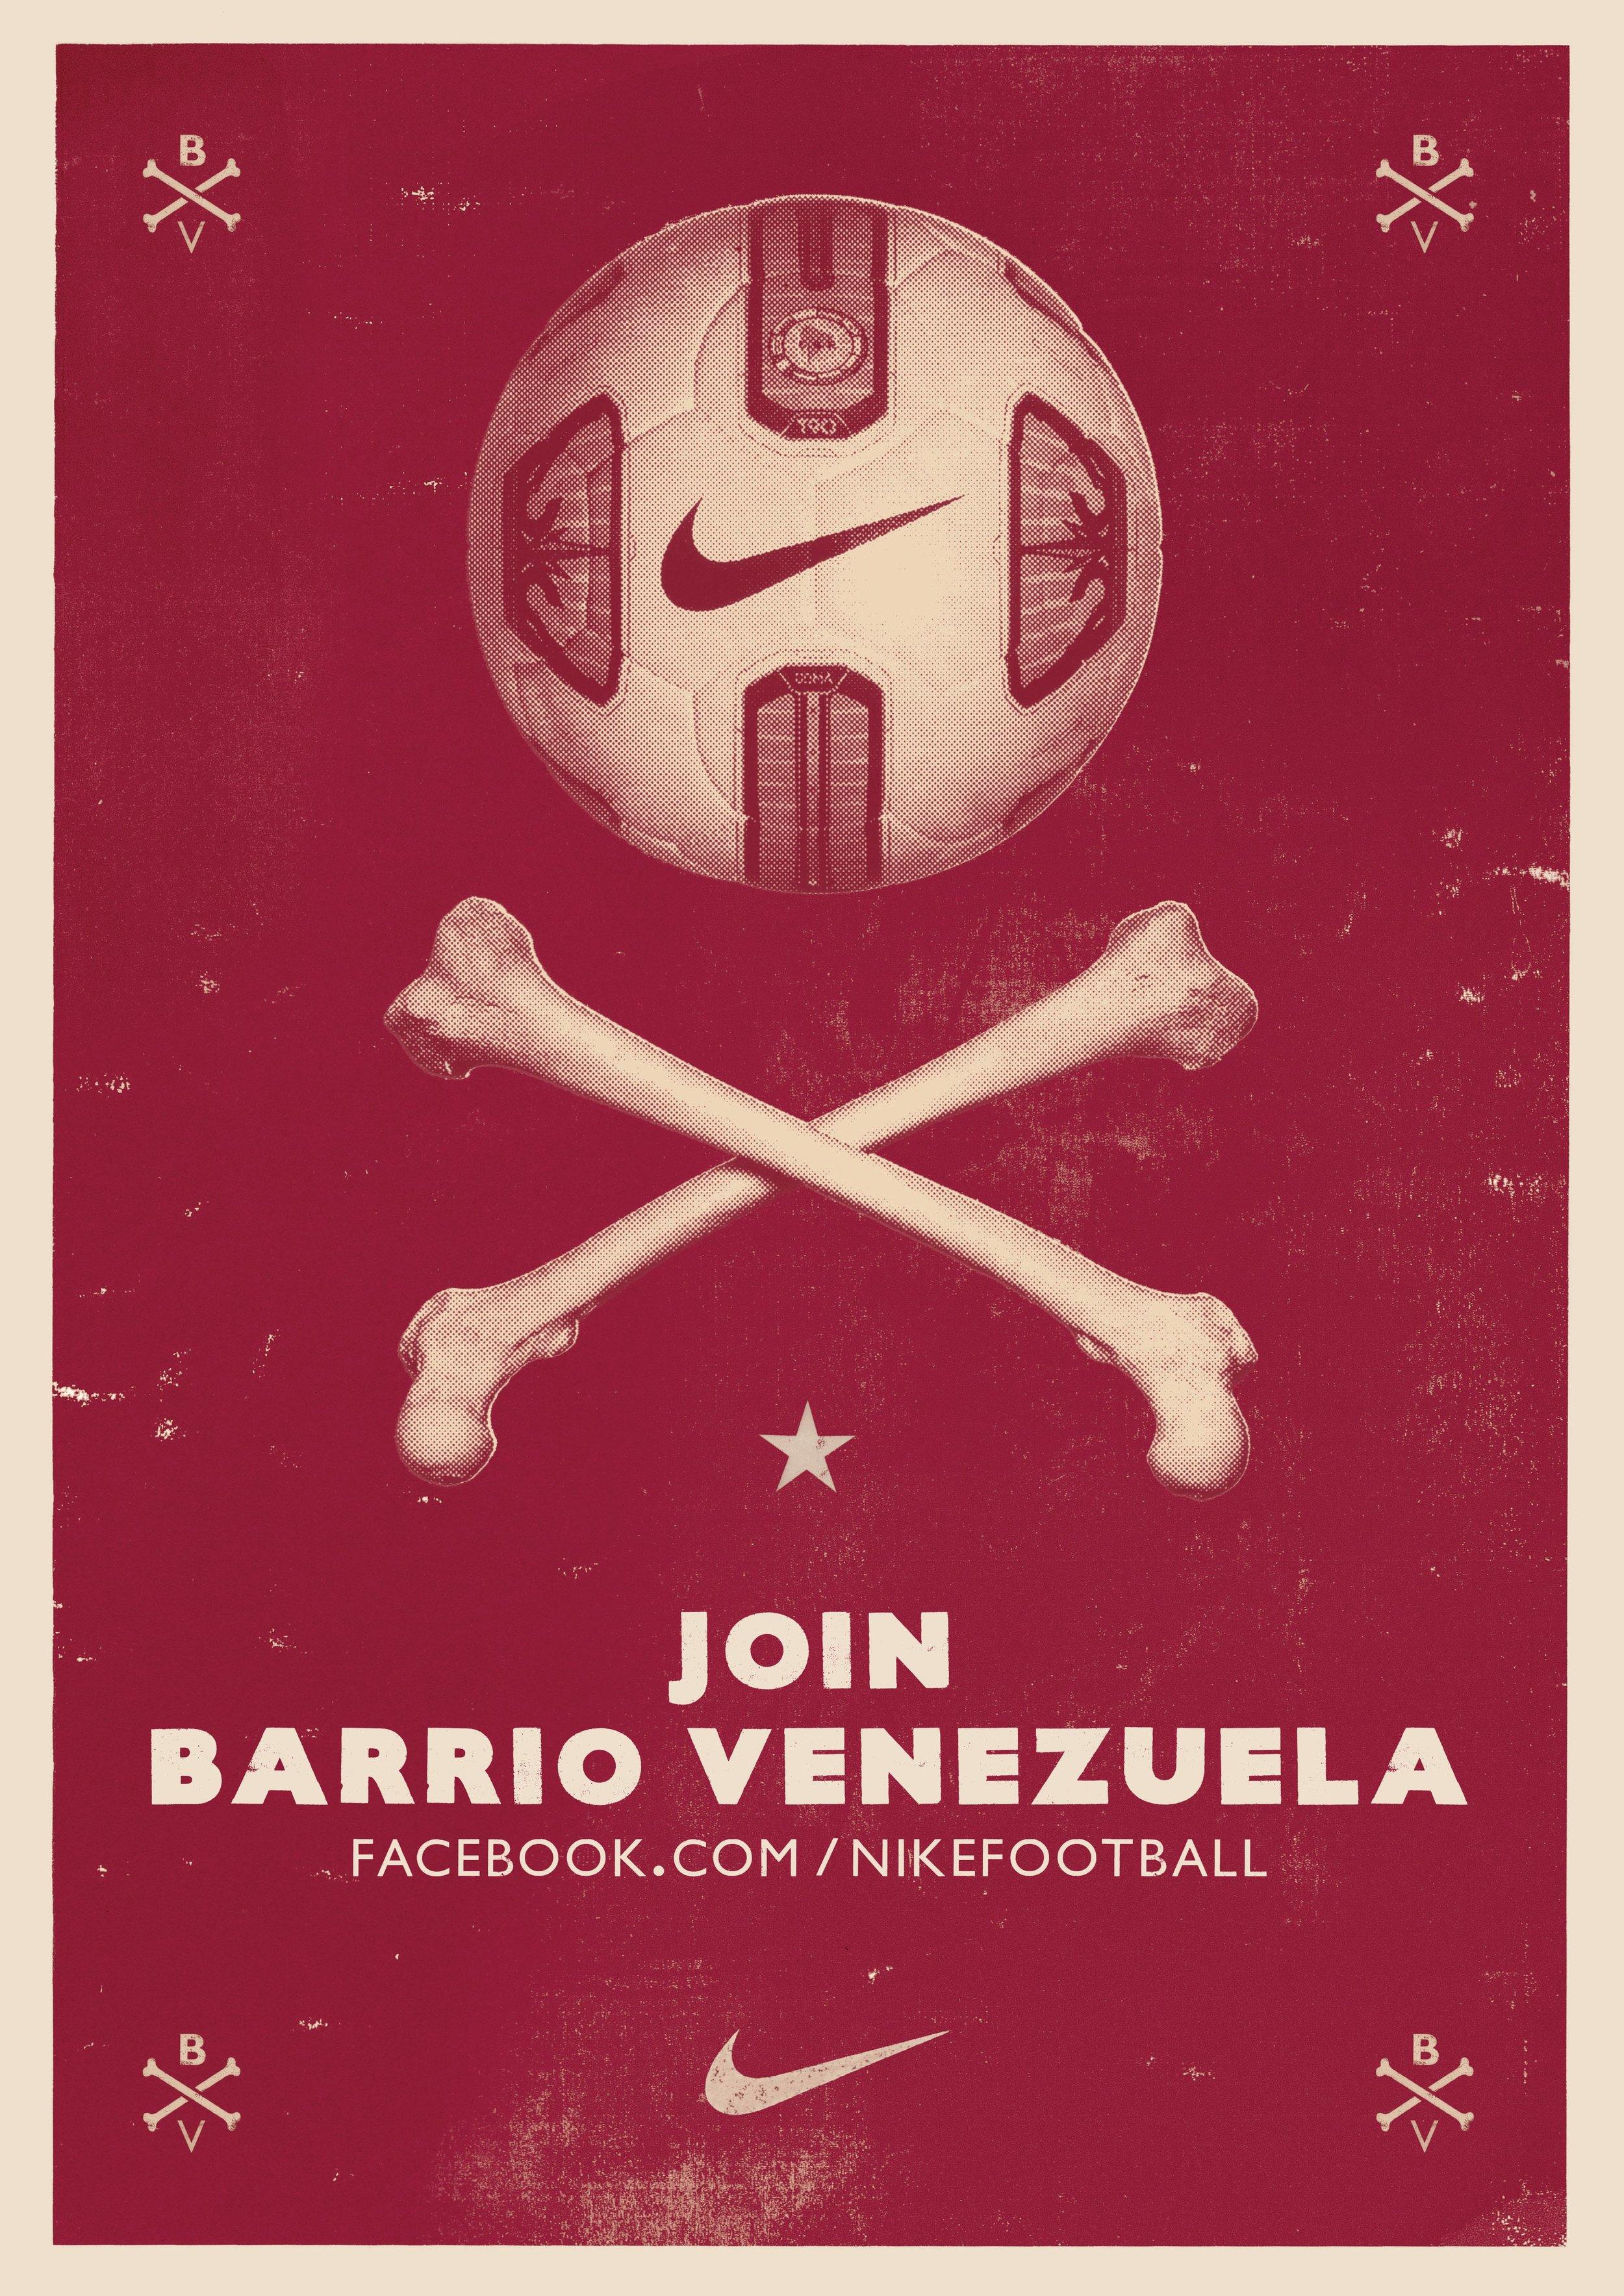 Copa_Join_Barrio_A3_Venezuela.jpg